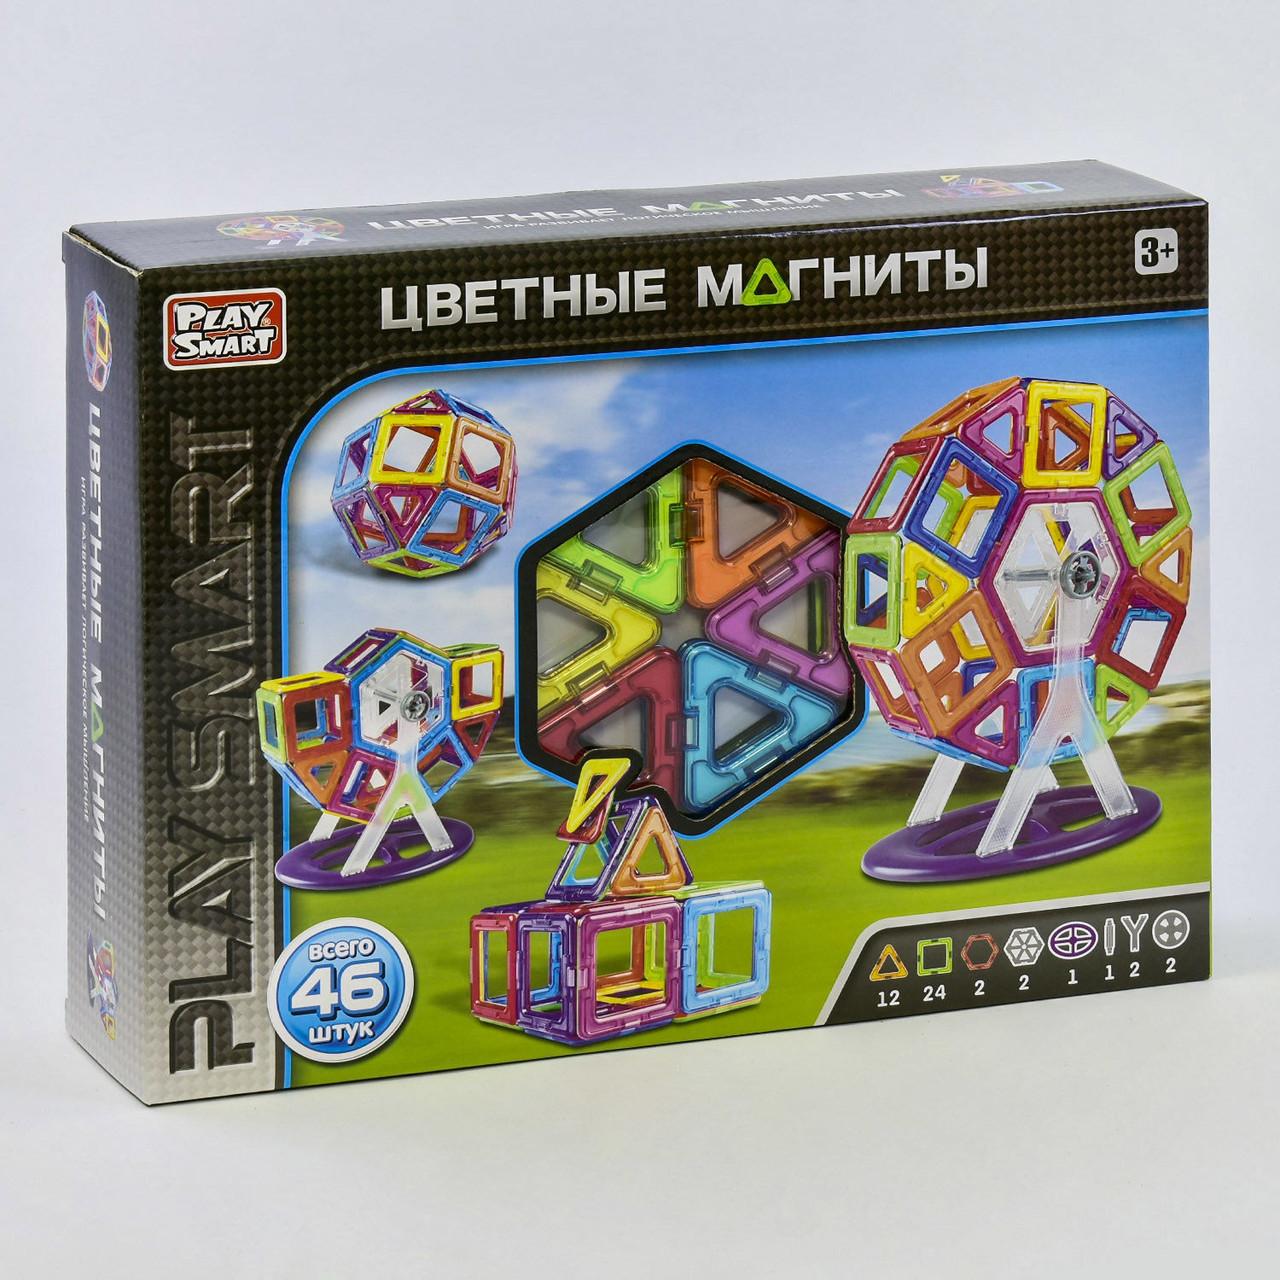 Магнитный конструктор цветные магниты Play Smart 2430